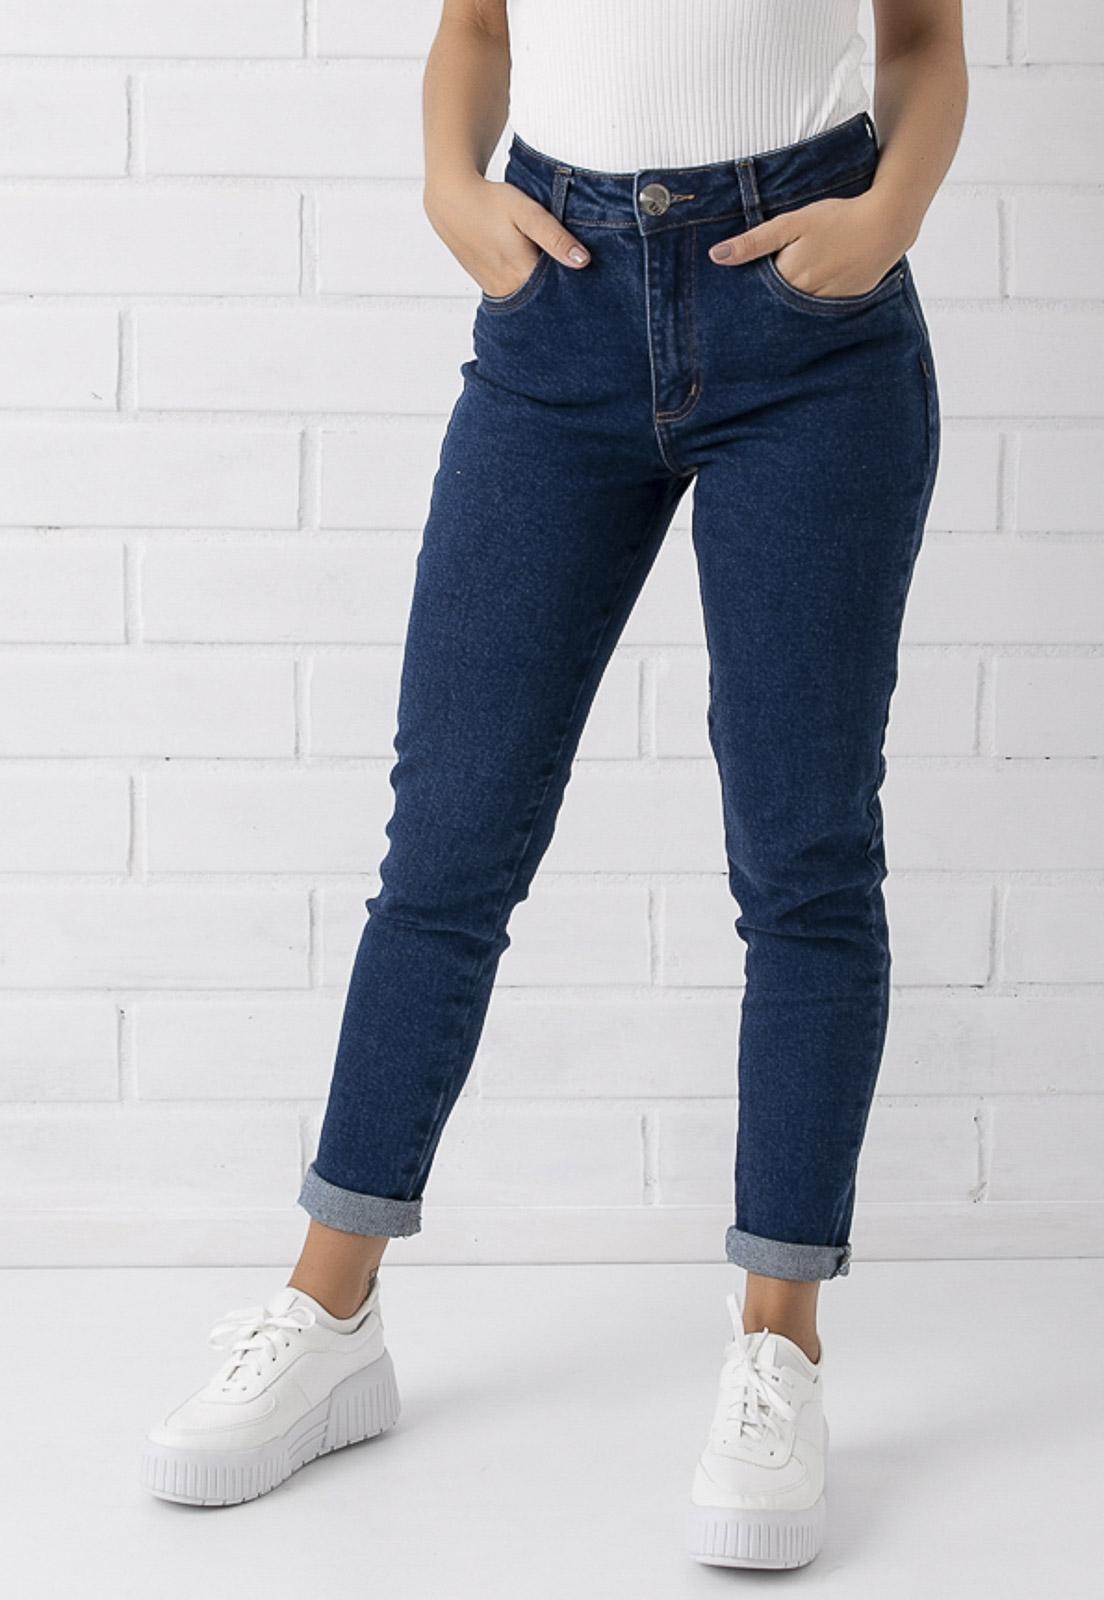 Calça Mom Jeans Escura Com Elastano Kim Pkd